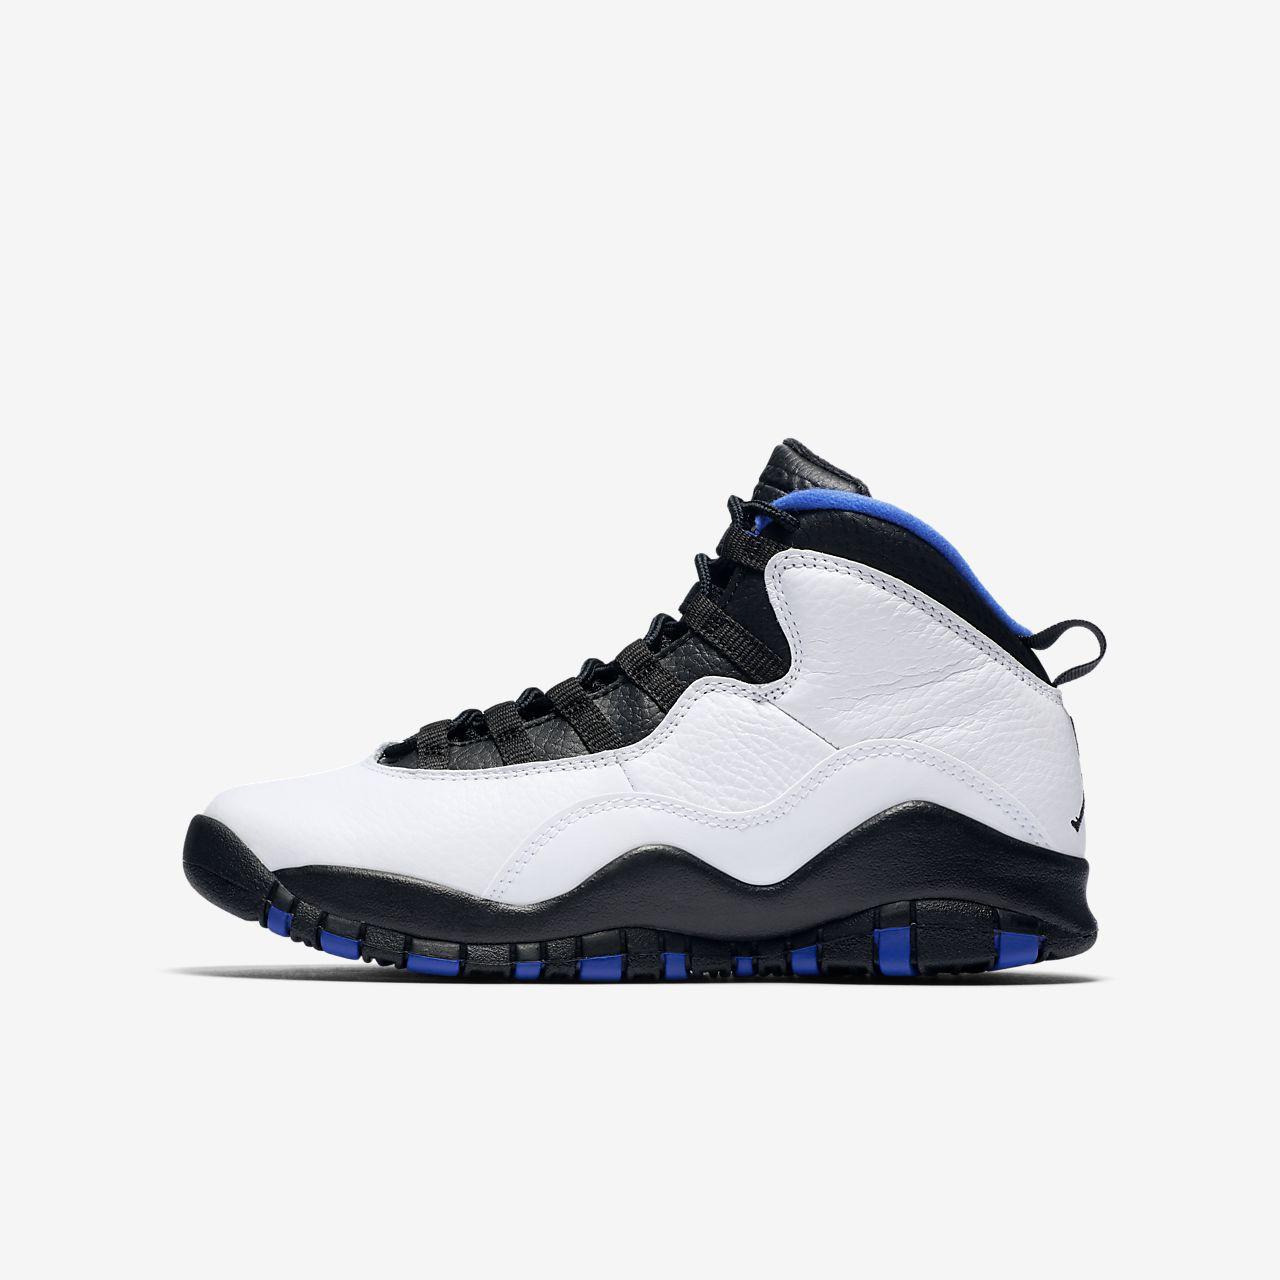 new product 7aef6 7b3b4 ... black white blue online b7a86 14340  sweden air jordan retro 10 3.5y 7y  big kids shoe b2605 dbce7